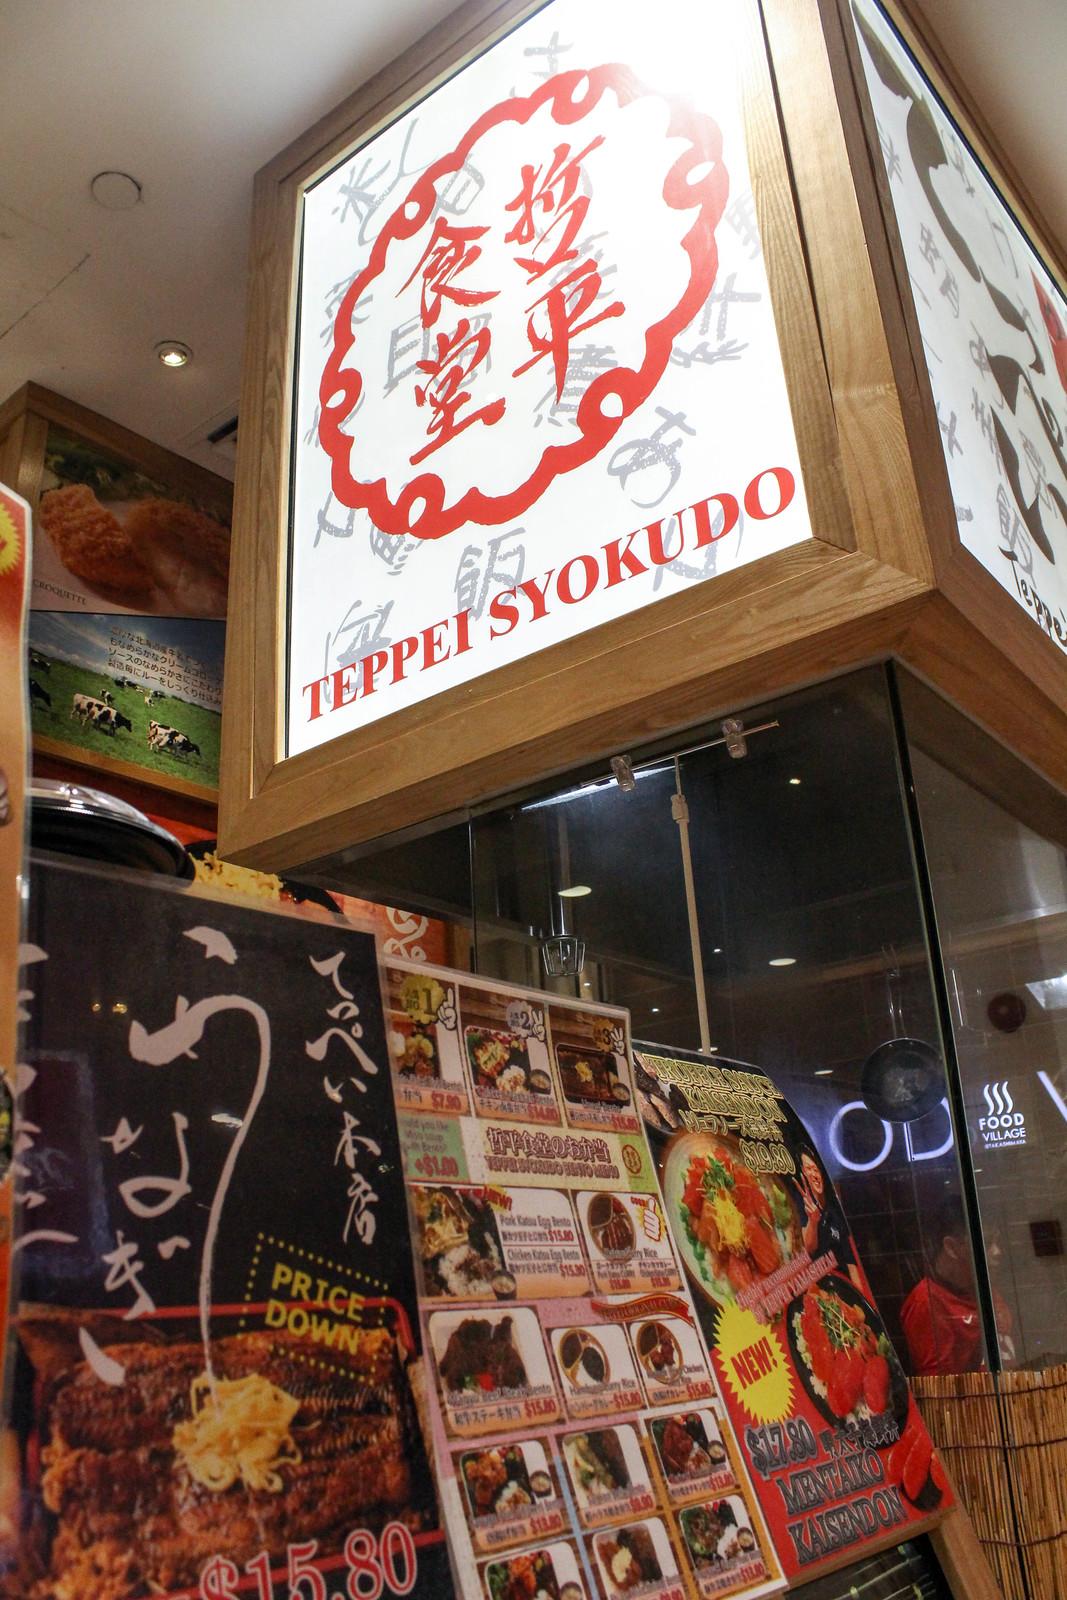 teppei_syokudo